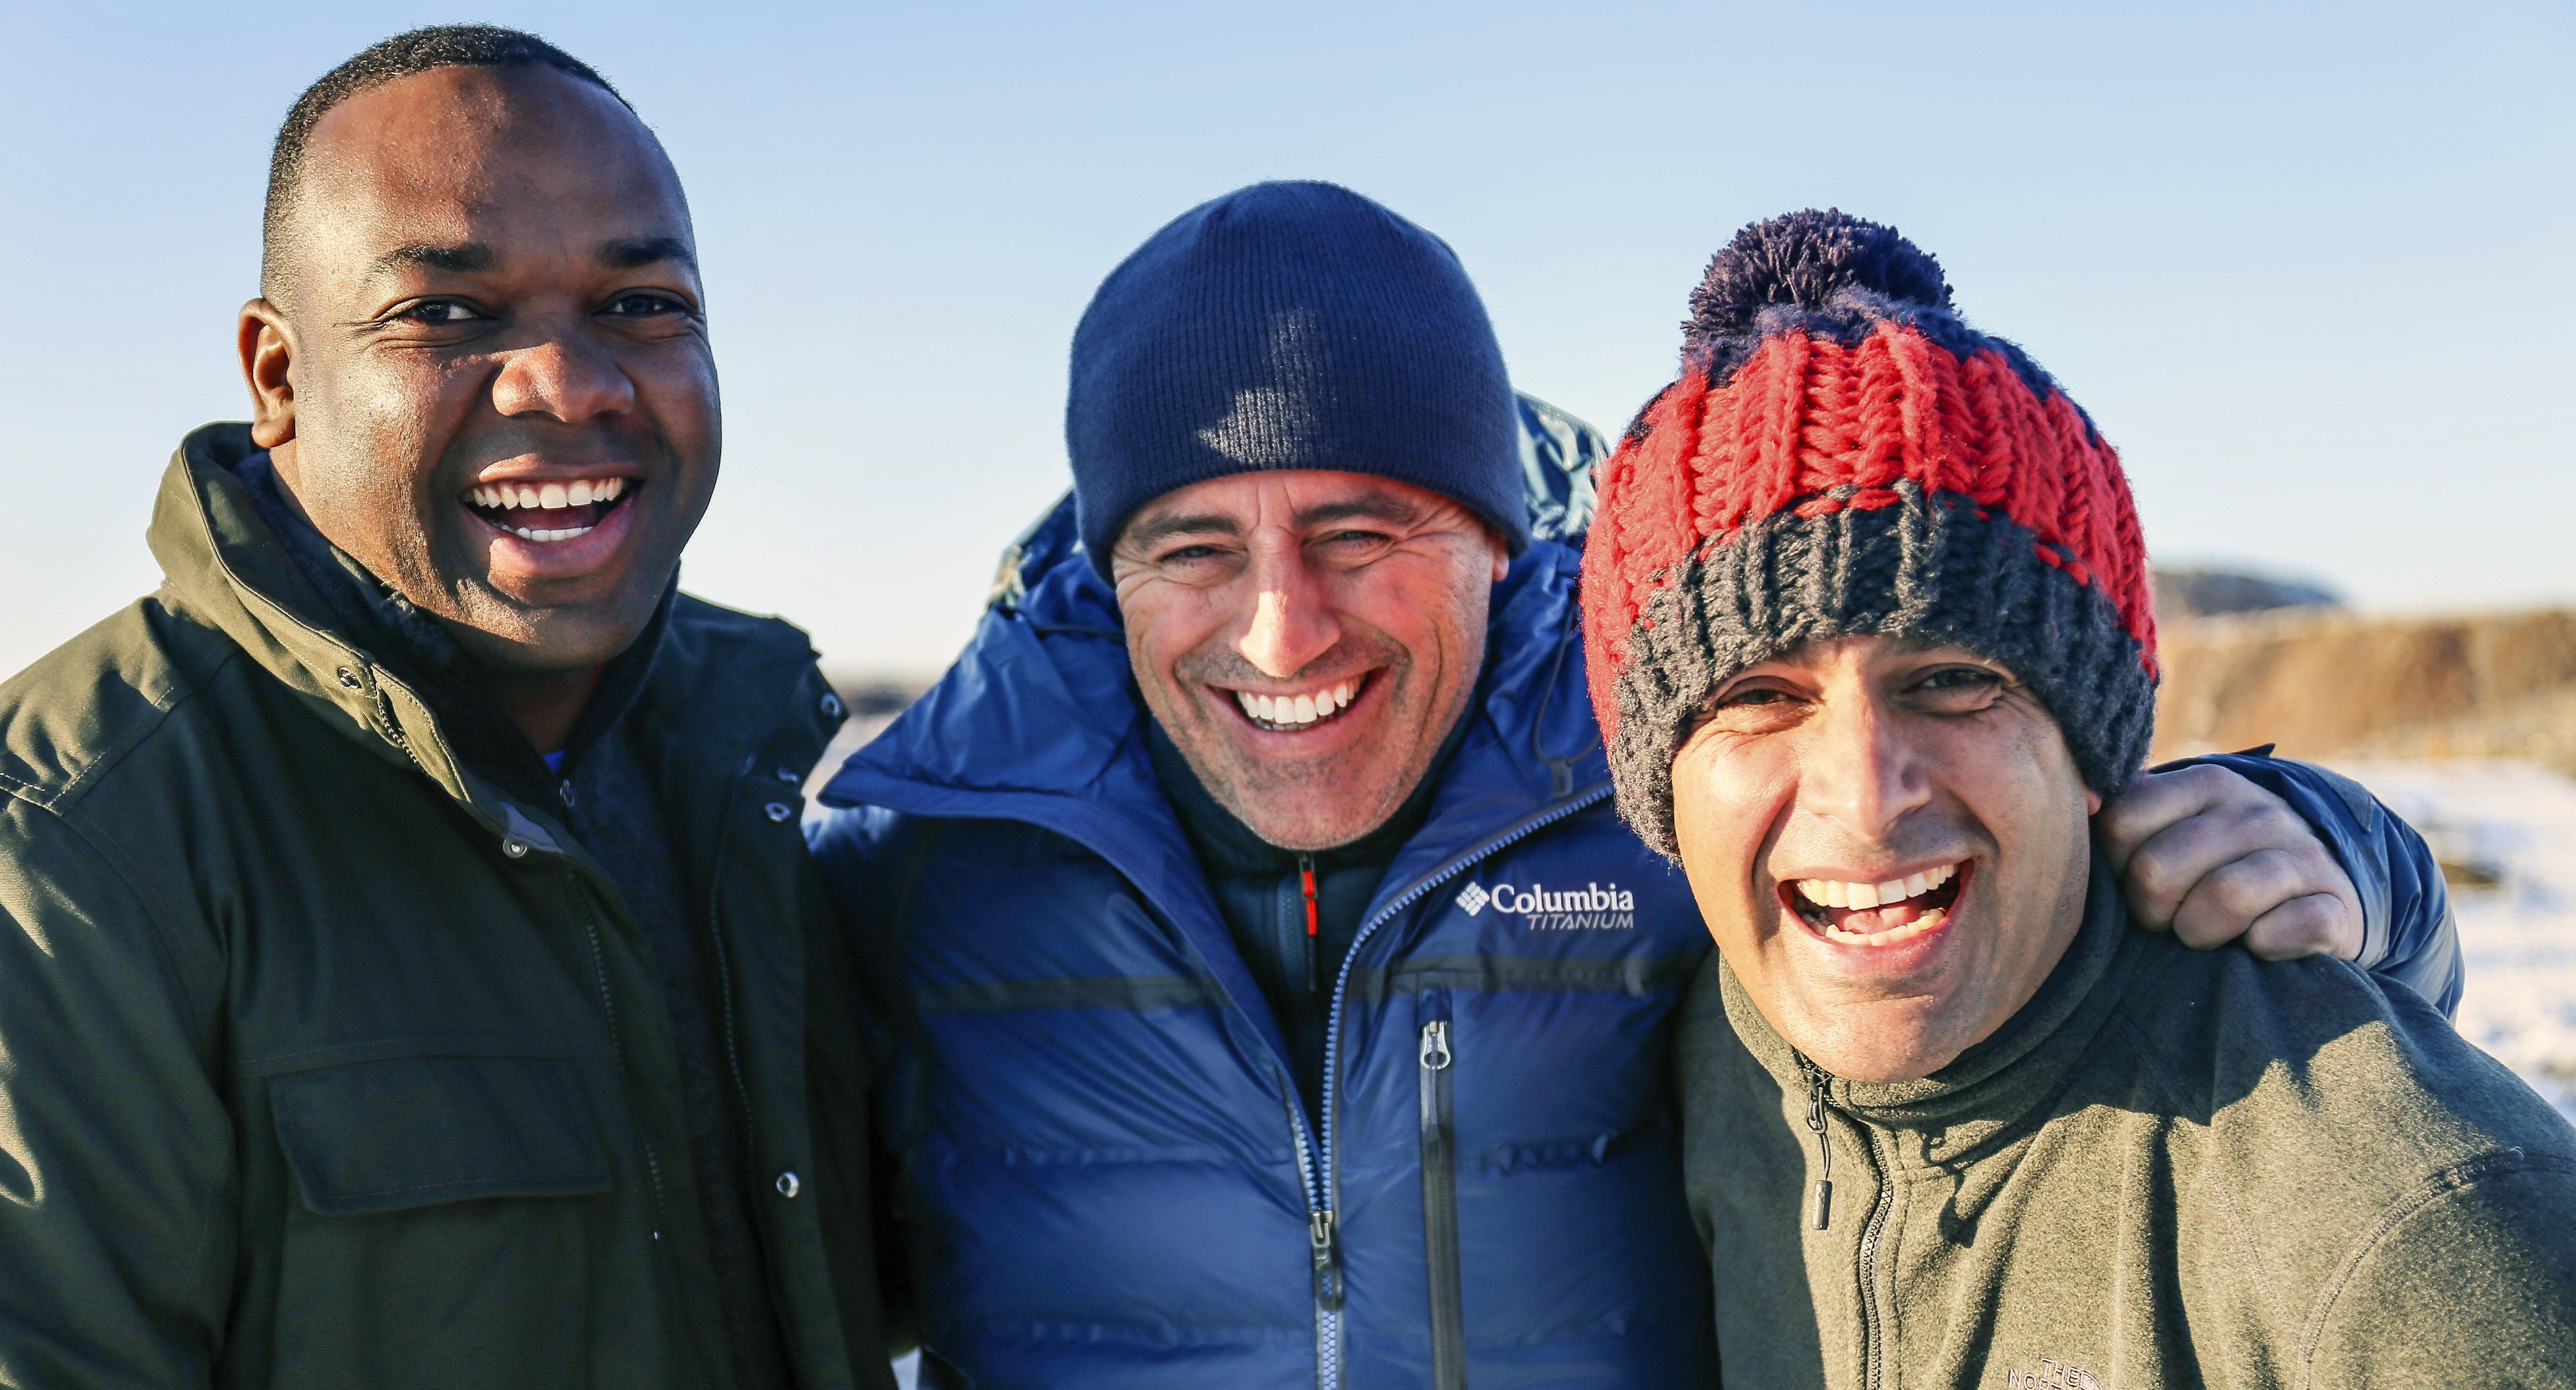 NY TRIO: Rory Reid, Matt LeBlanc og Chris Harris er trioen som leder den 24. sesongen av Top Gear. Premieren i Norge er 9. mars på BBC Brit.